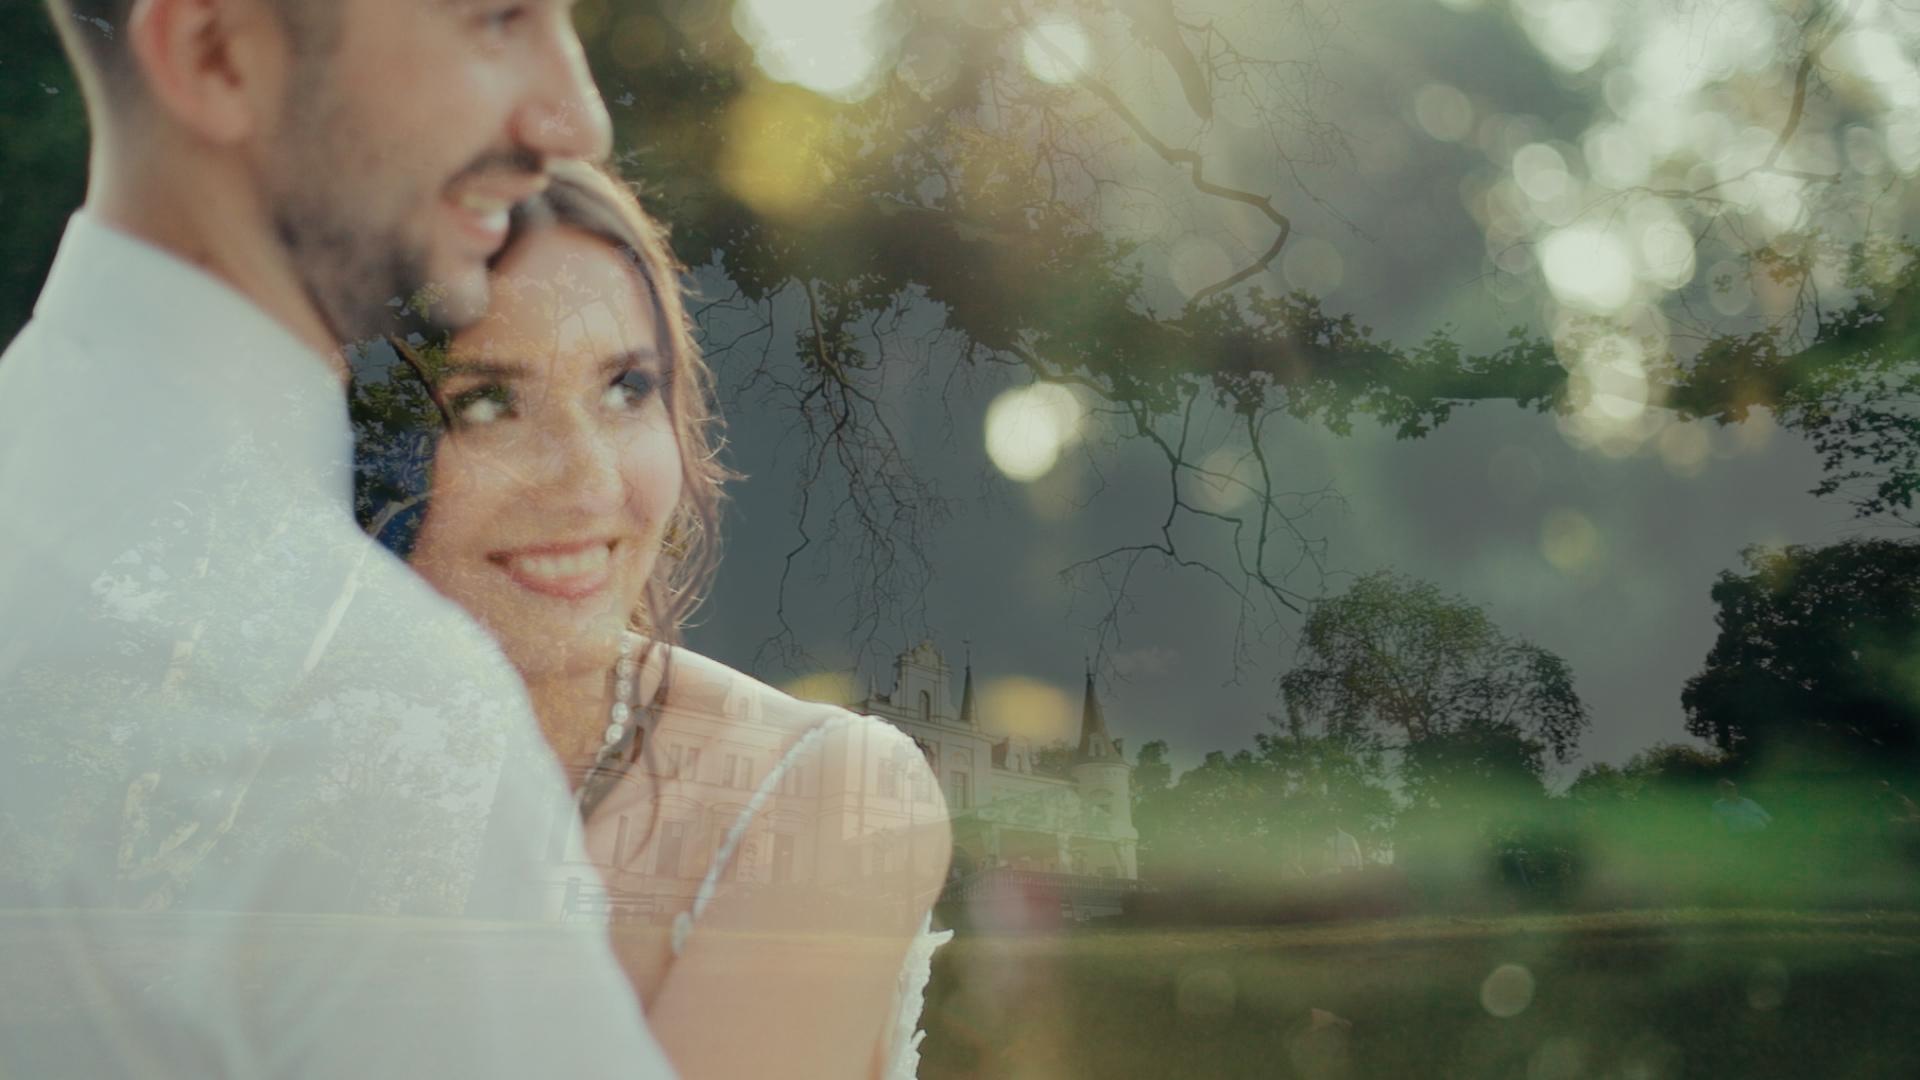 add31567fa Filmy Ślubne - Blog — CAMON - Niech inni zazdroszczą Wam filmu ...